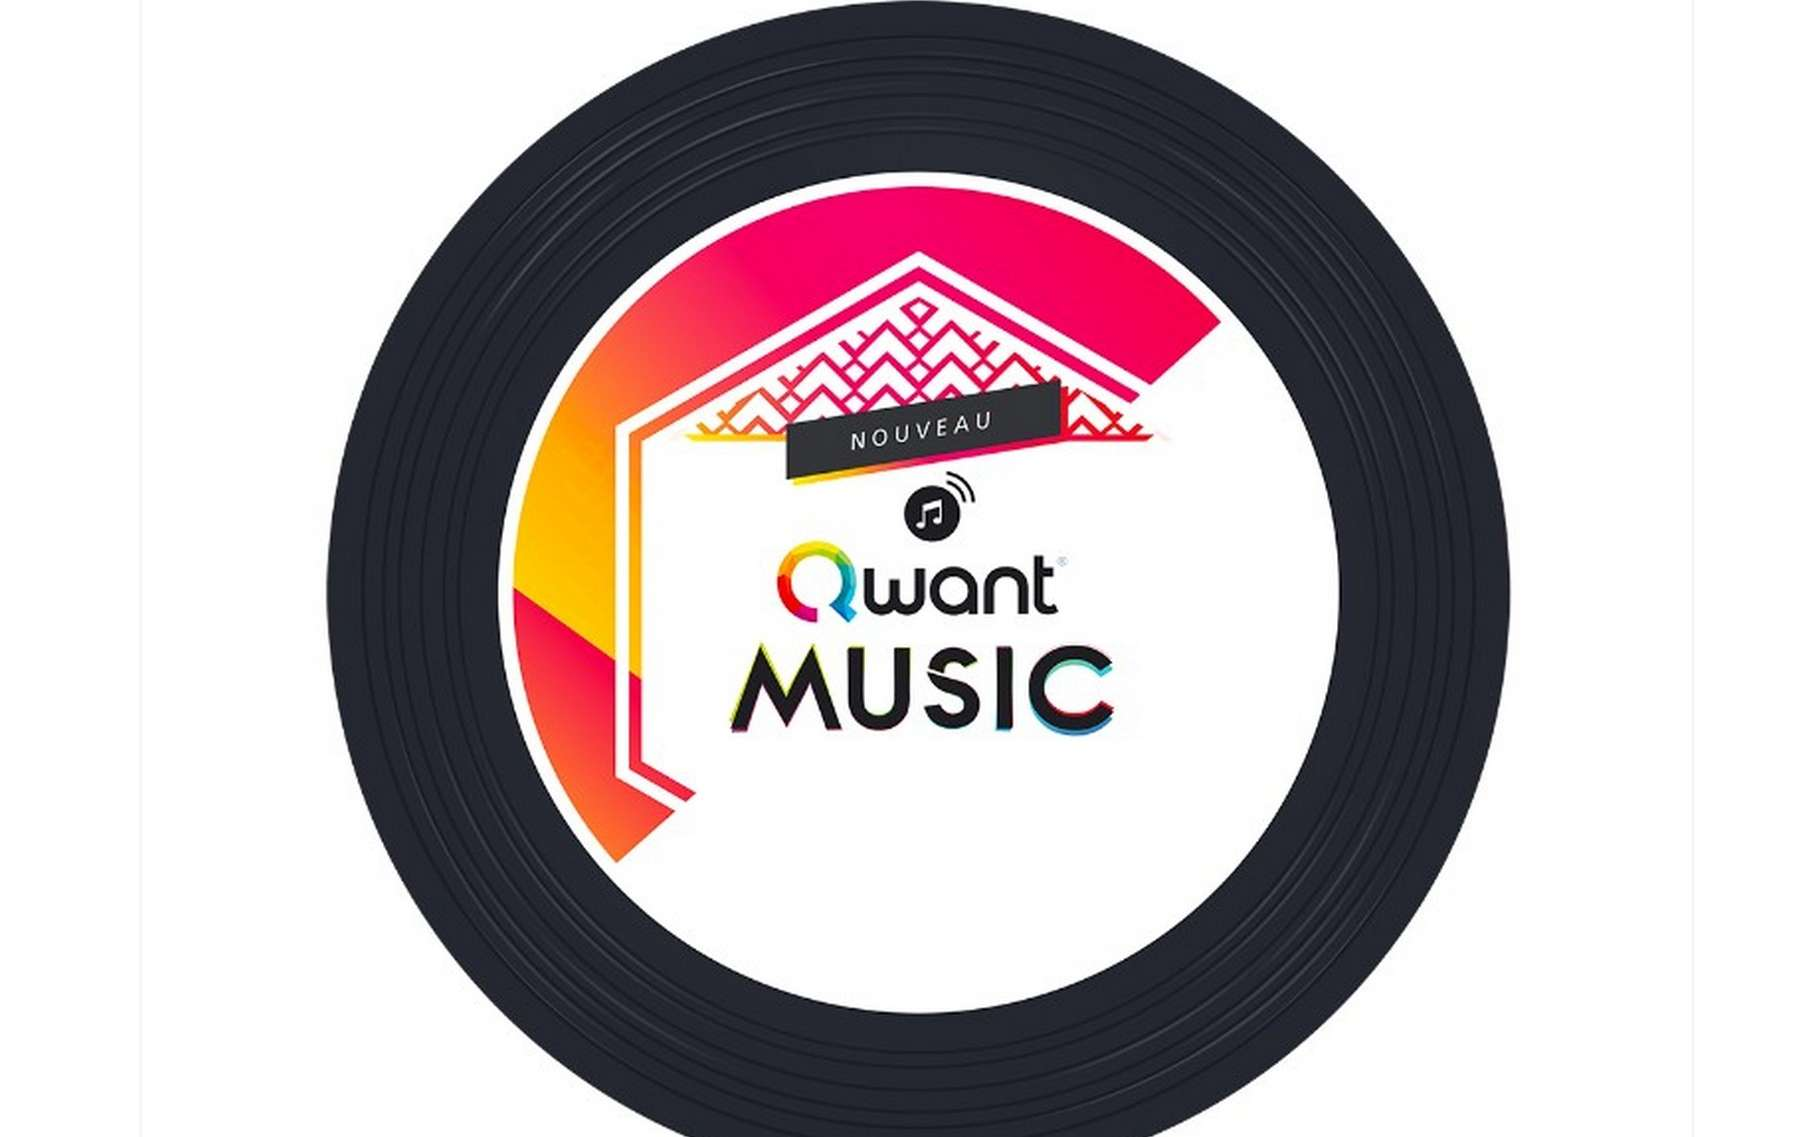 Qwant a été lancé en 2013 avec comme crédo le respect de la vie privée de ses utilisateurs. Le moteur de recherche français revendique 11 millions de visiteurs mensuels. © Qwant